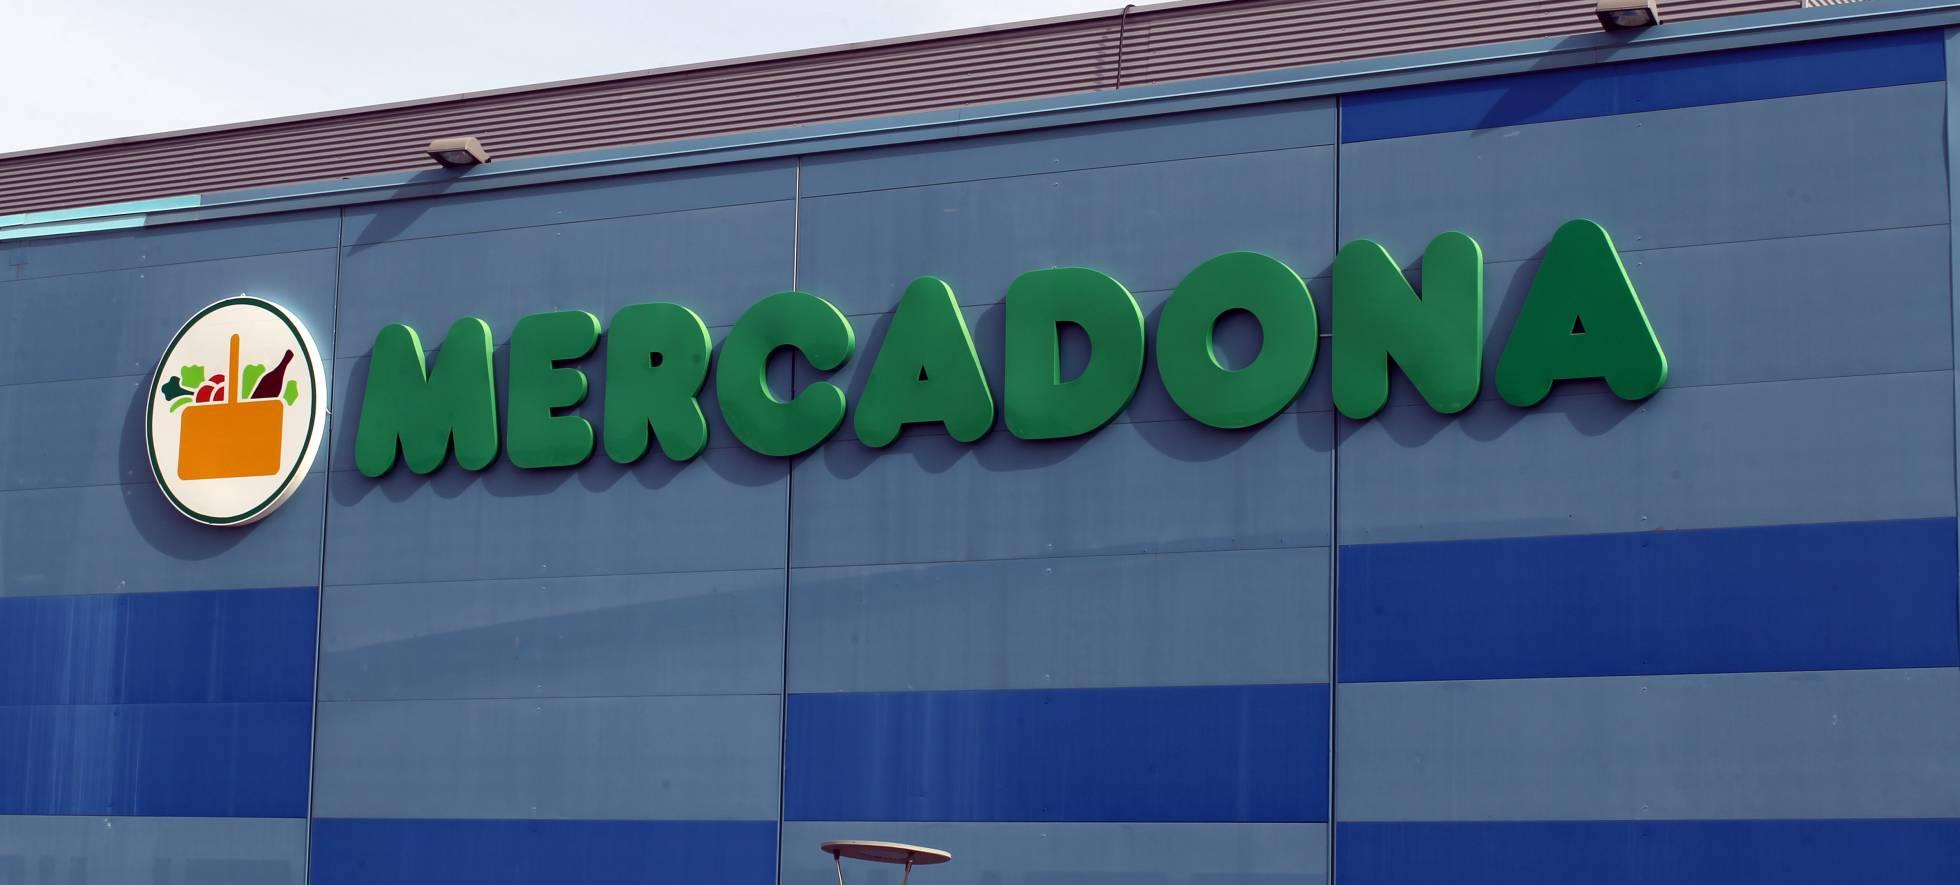 Mercadona вложит 100 млн евро в открытие 10 магазинов в Португалии